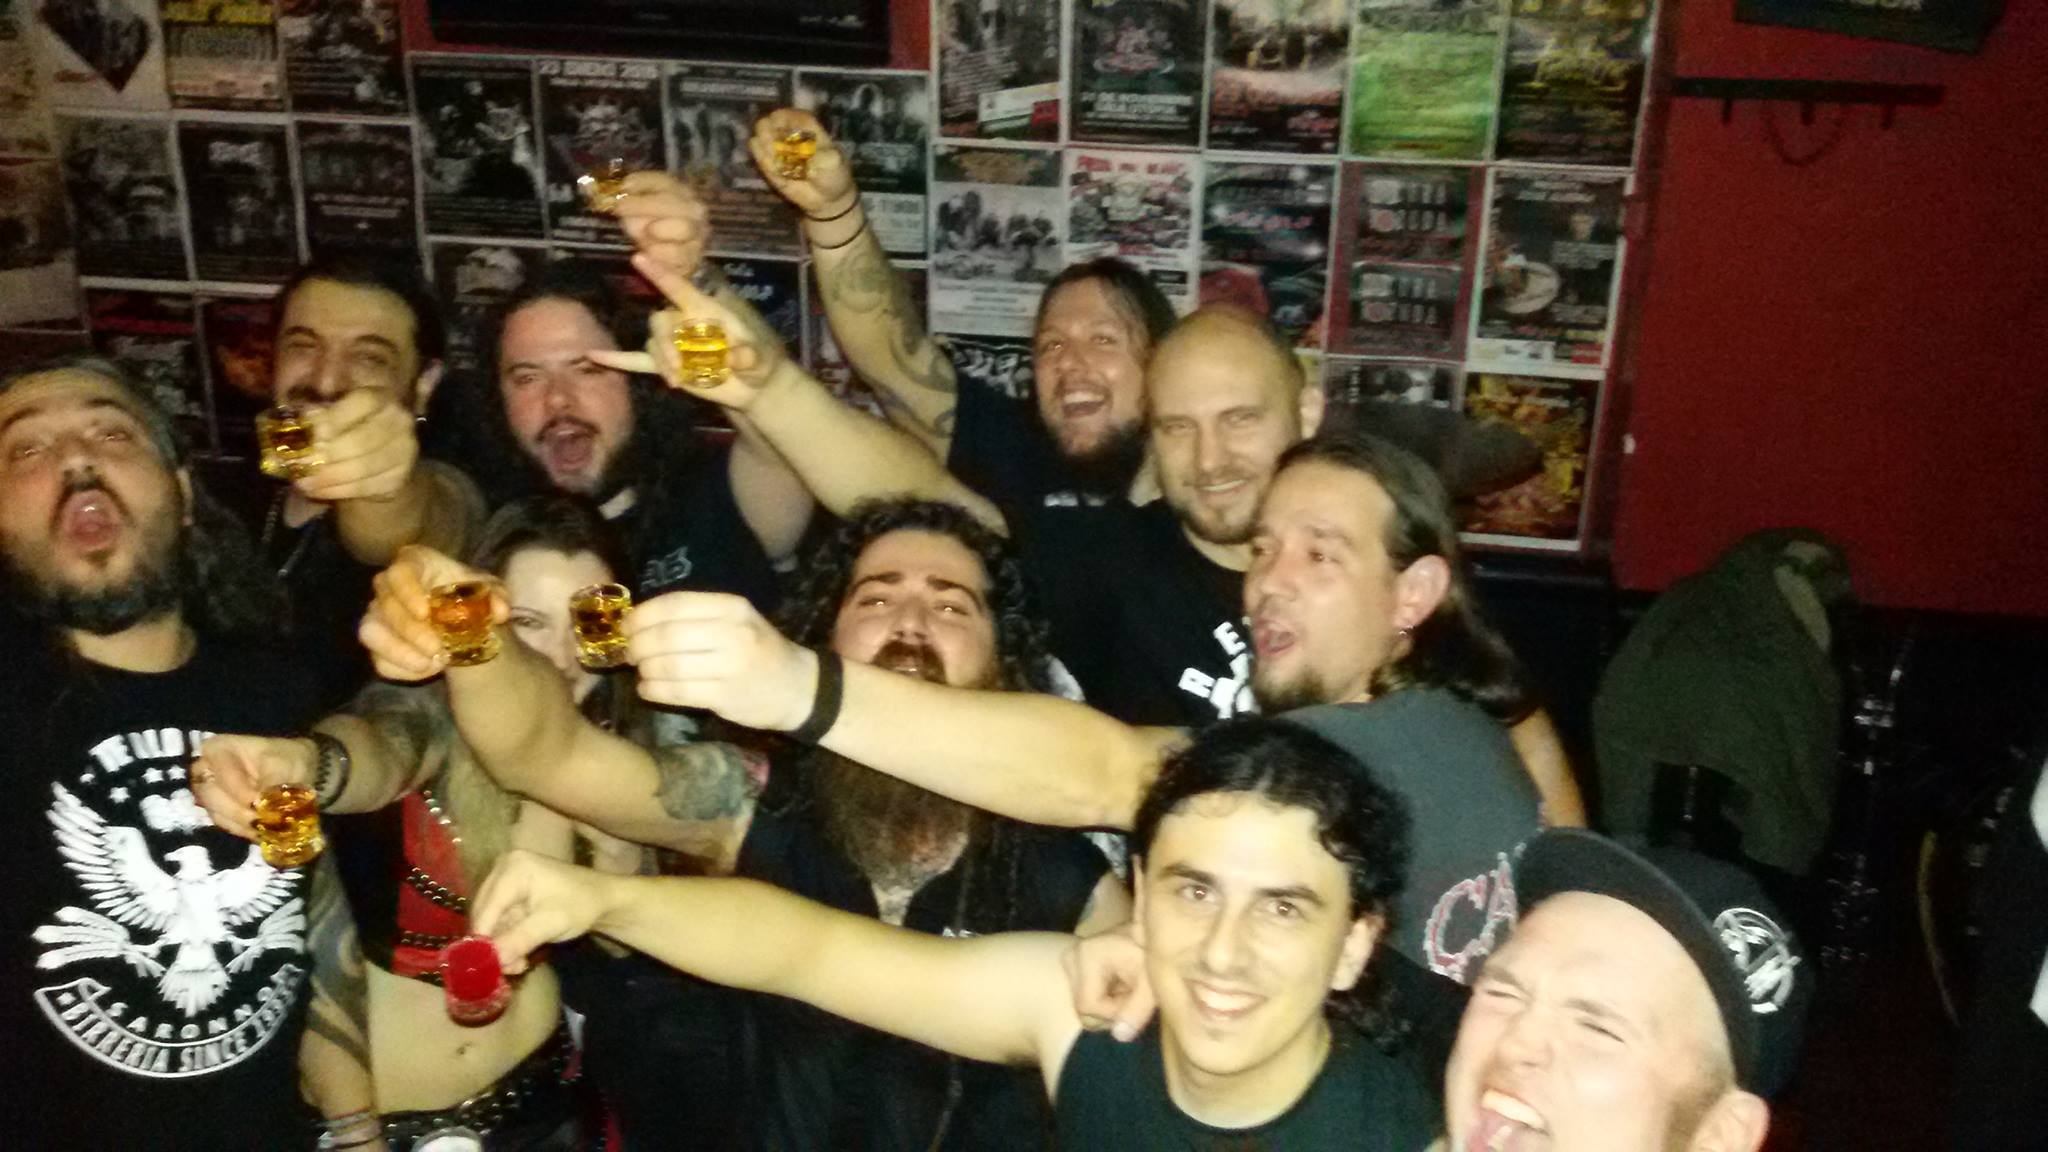 Methedras, Nightrage, Bloodhunter The Puritan Tour 2015